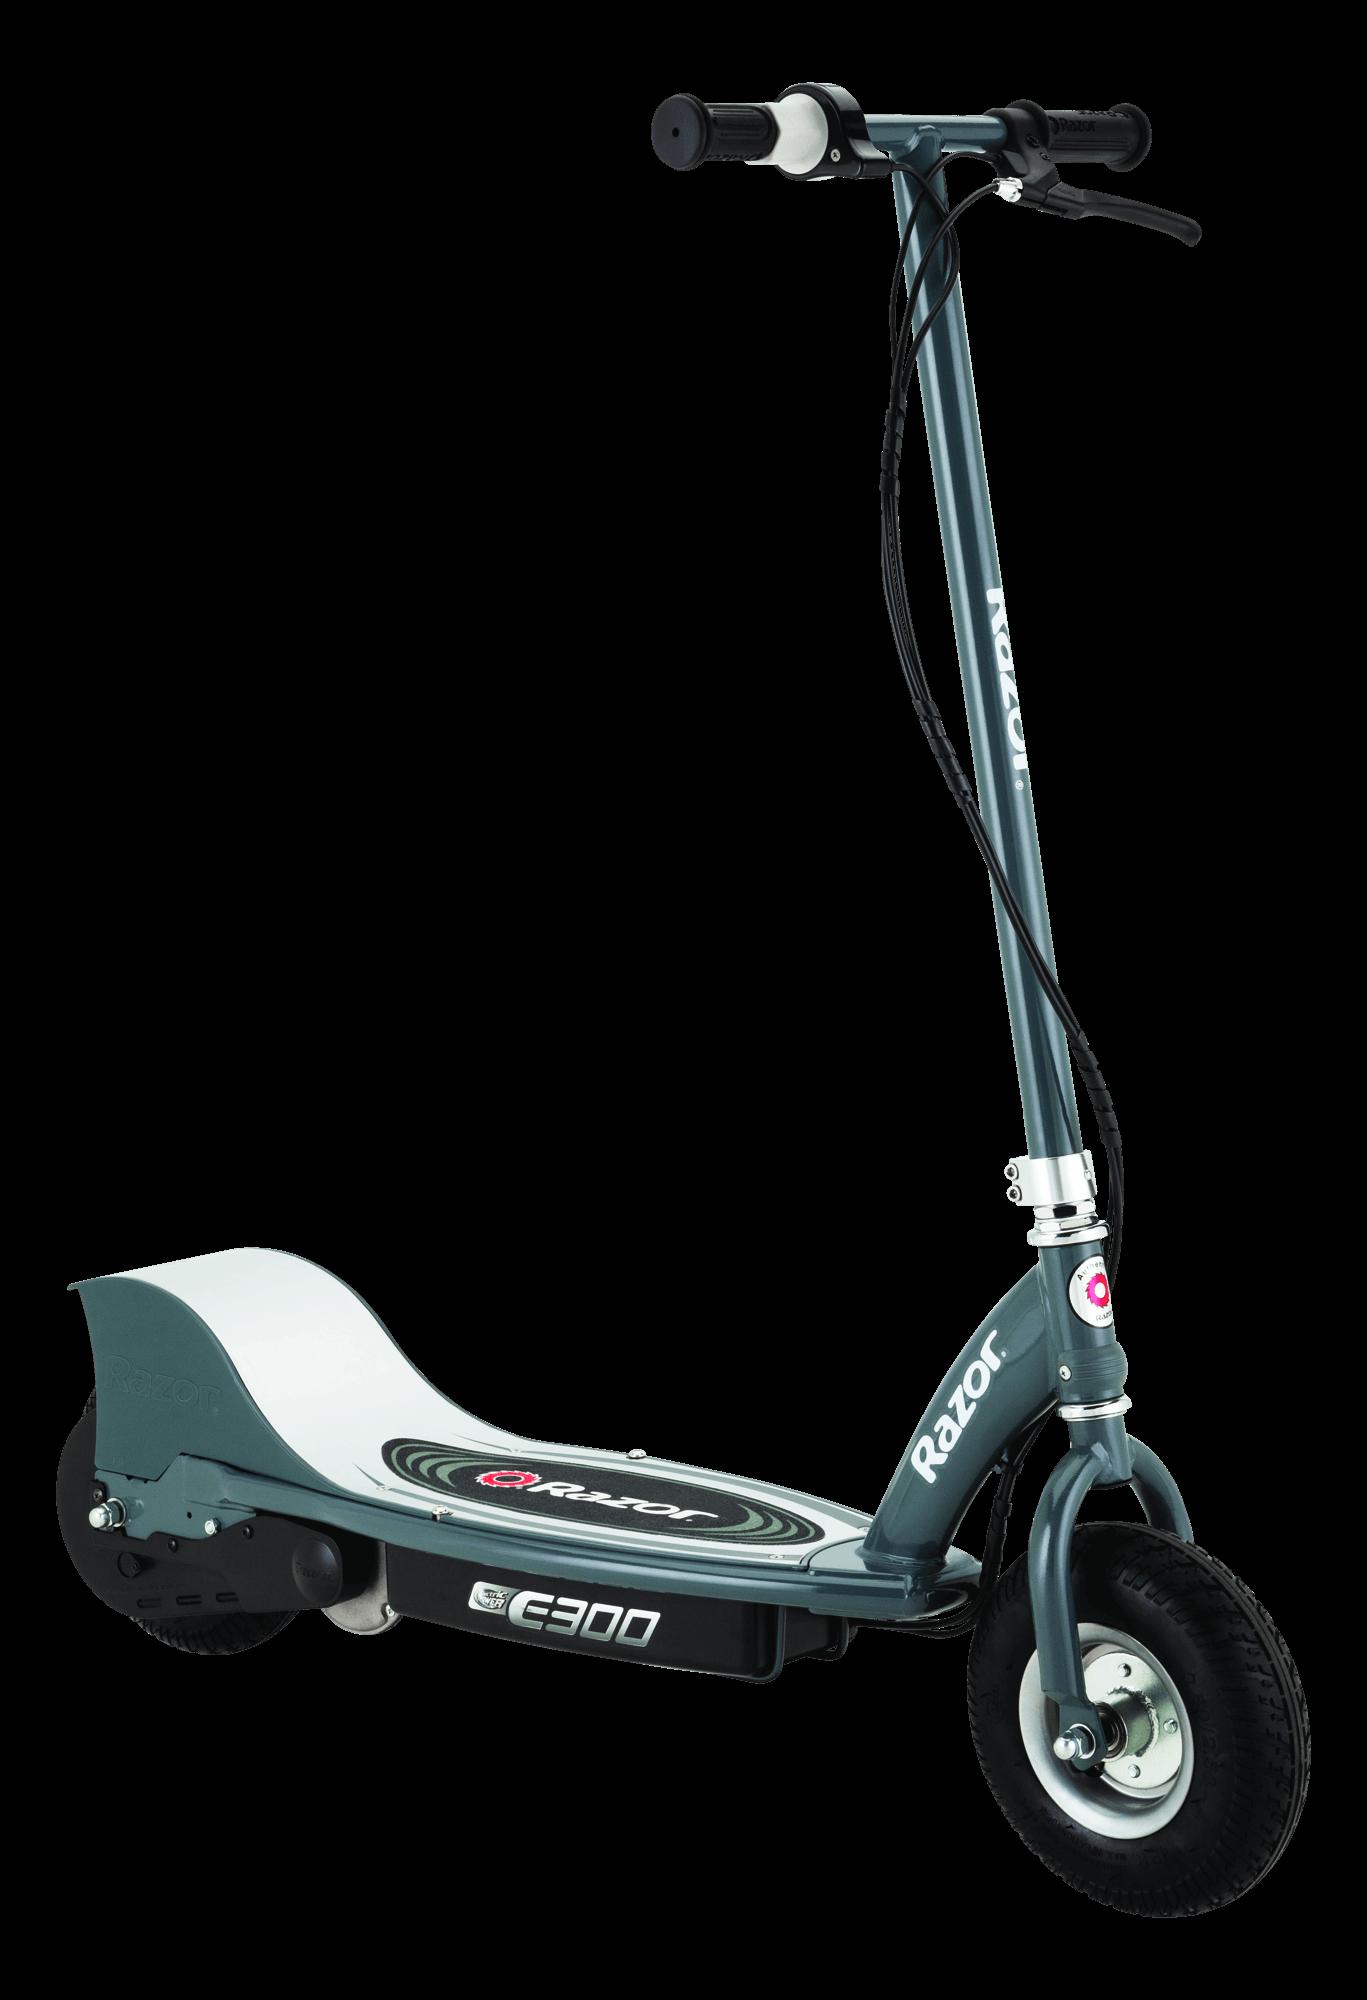 E300 Electric Scooter Razor